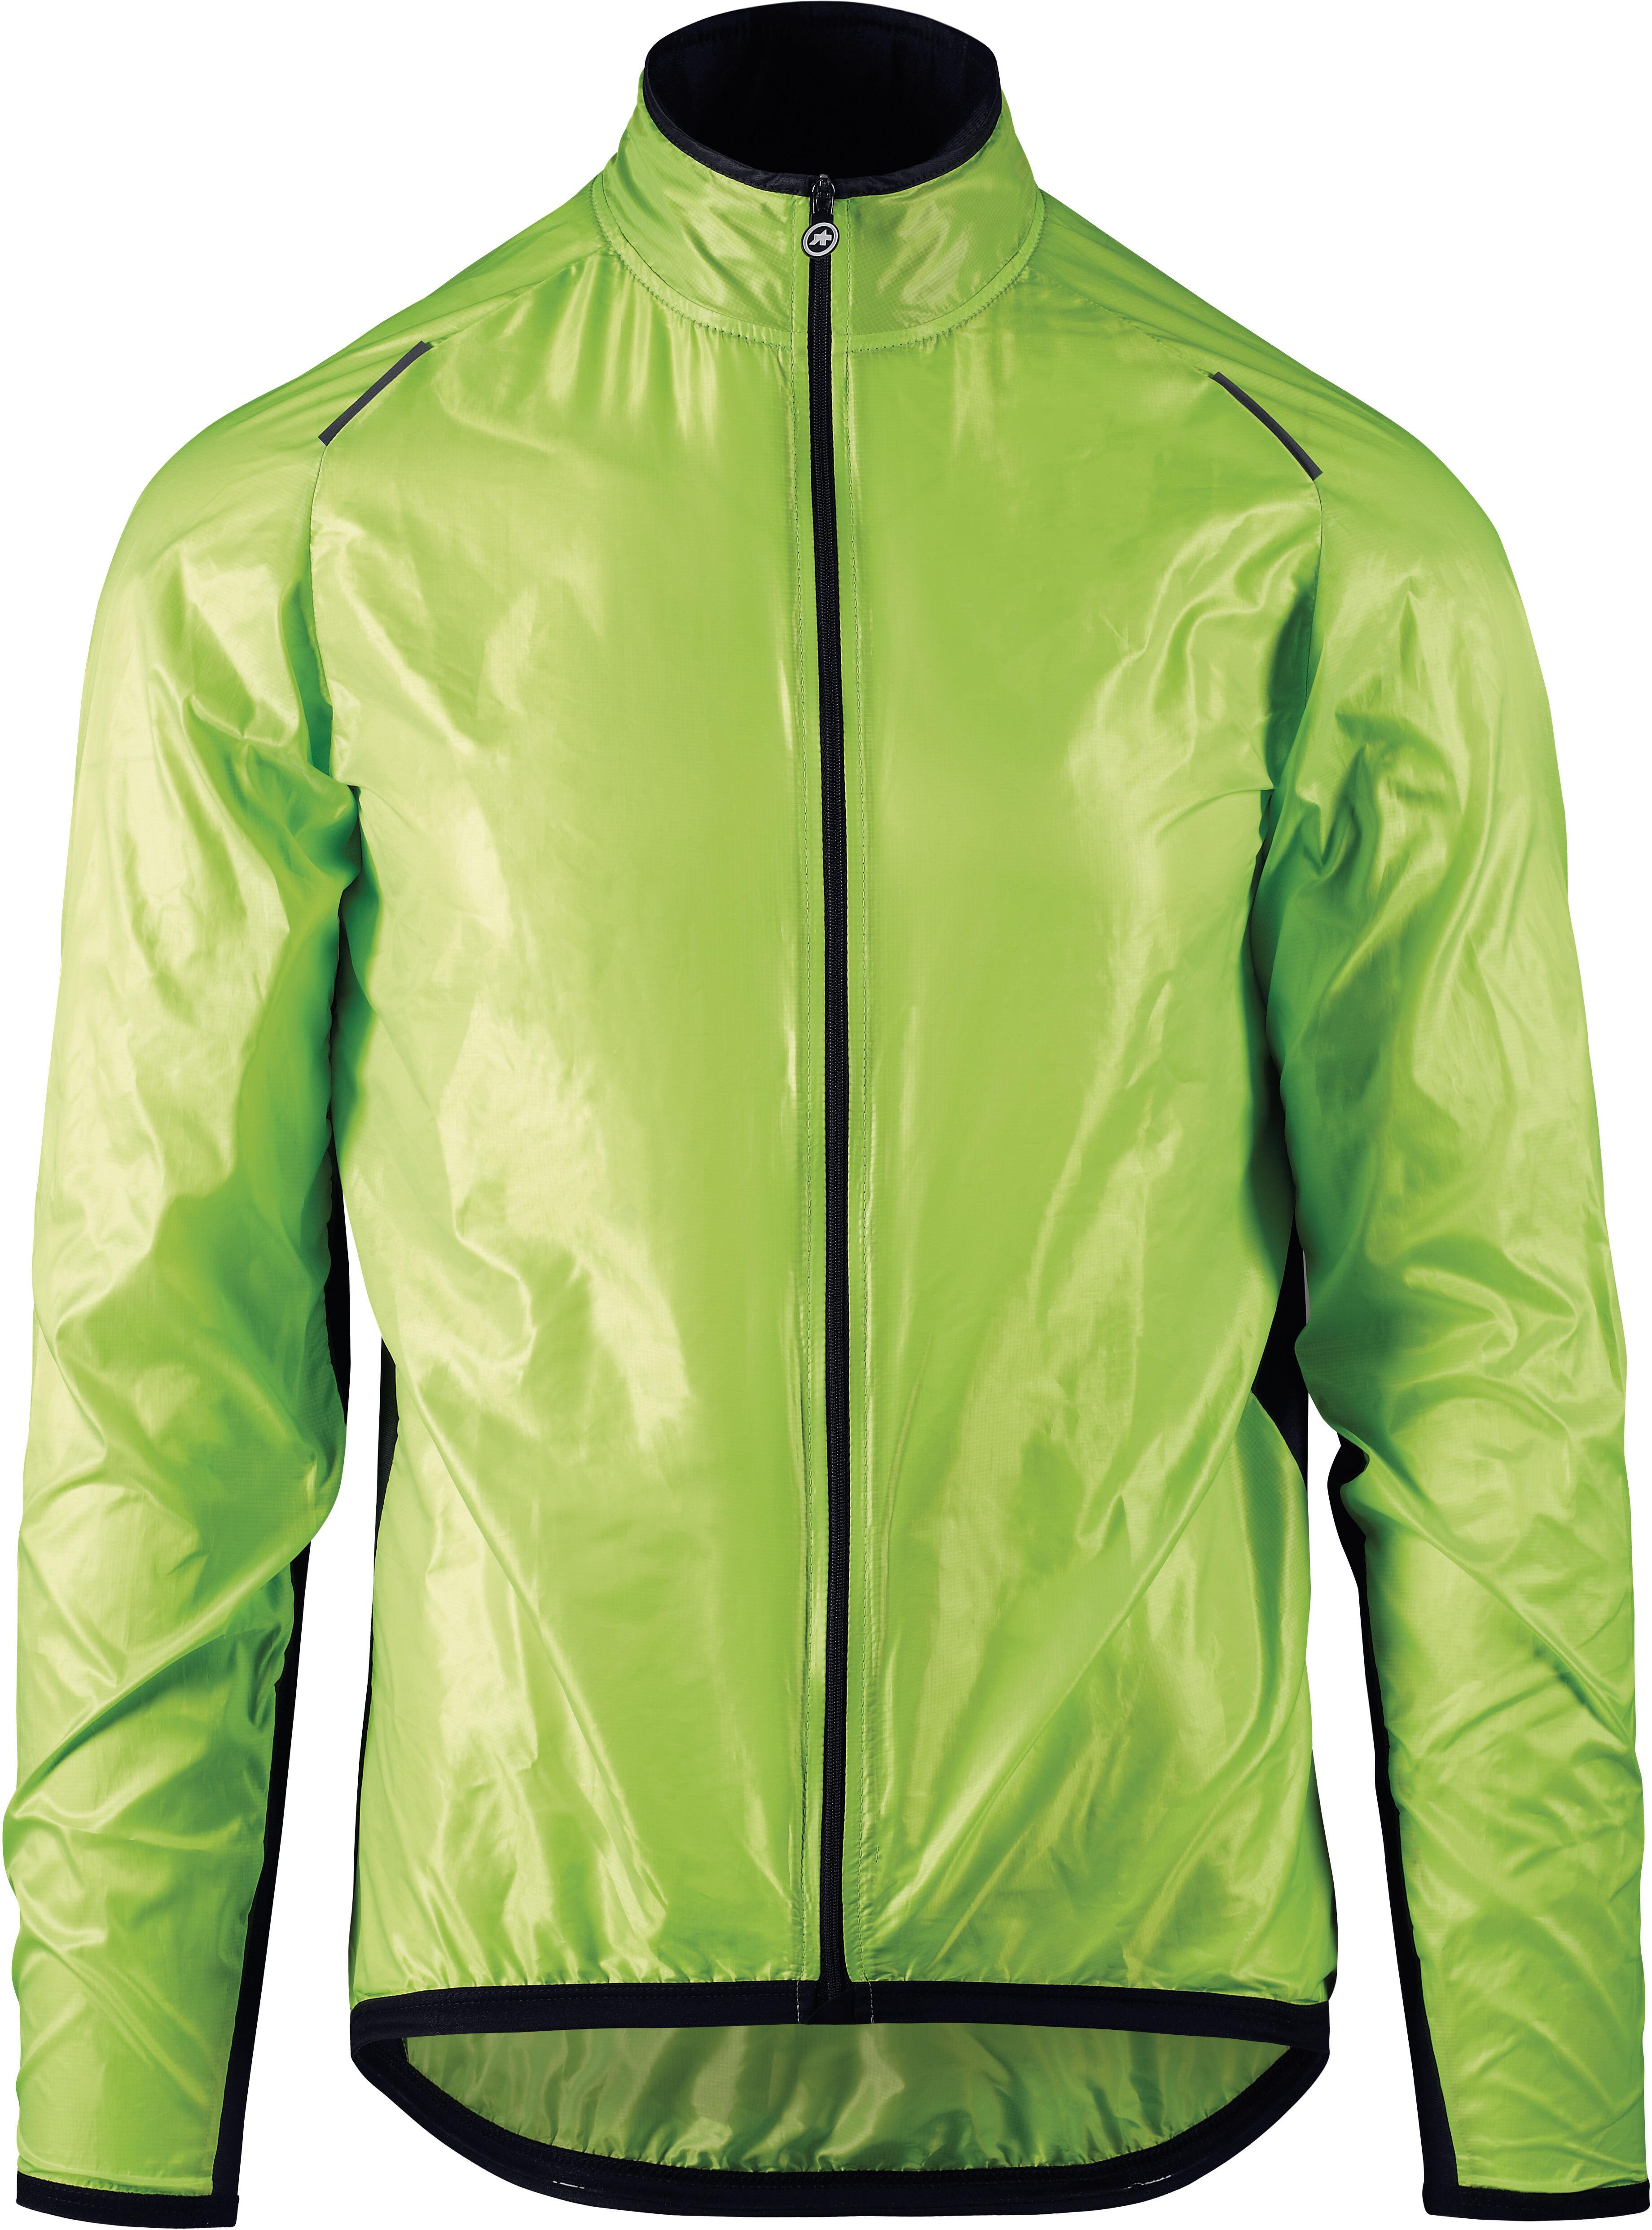 assos Mille GT - Veste - vert noir - Boutique de vélos en ligne - fr ... c93a30ca8636